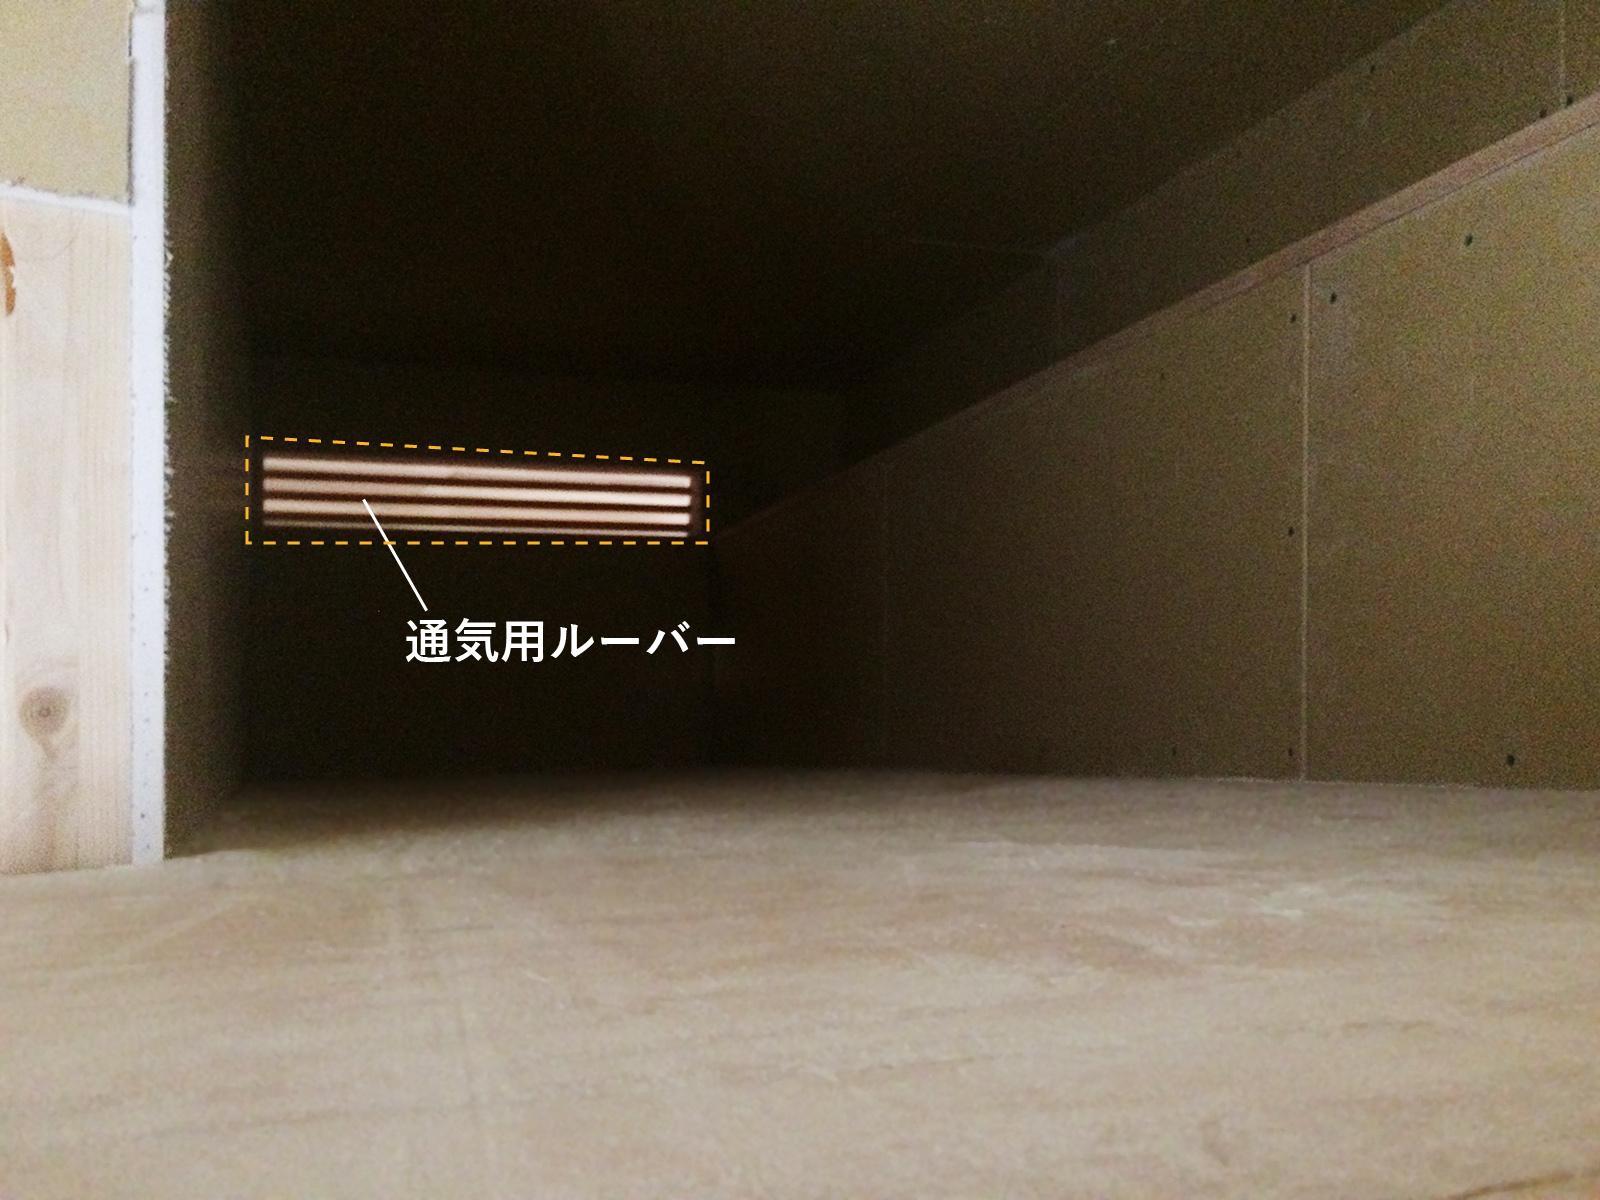 堺市 なかもずマンションのリノベーション(ロフト)